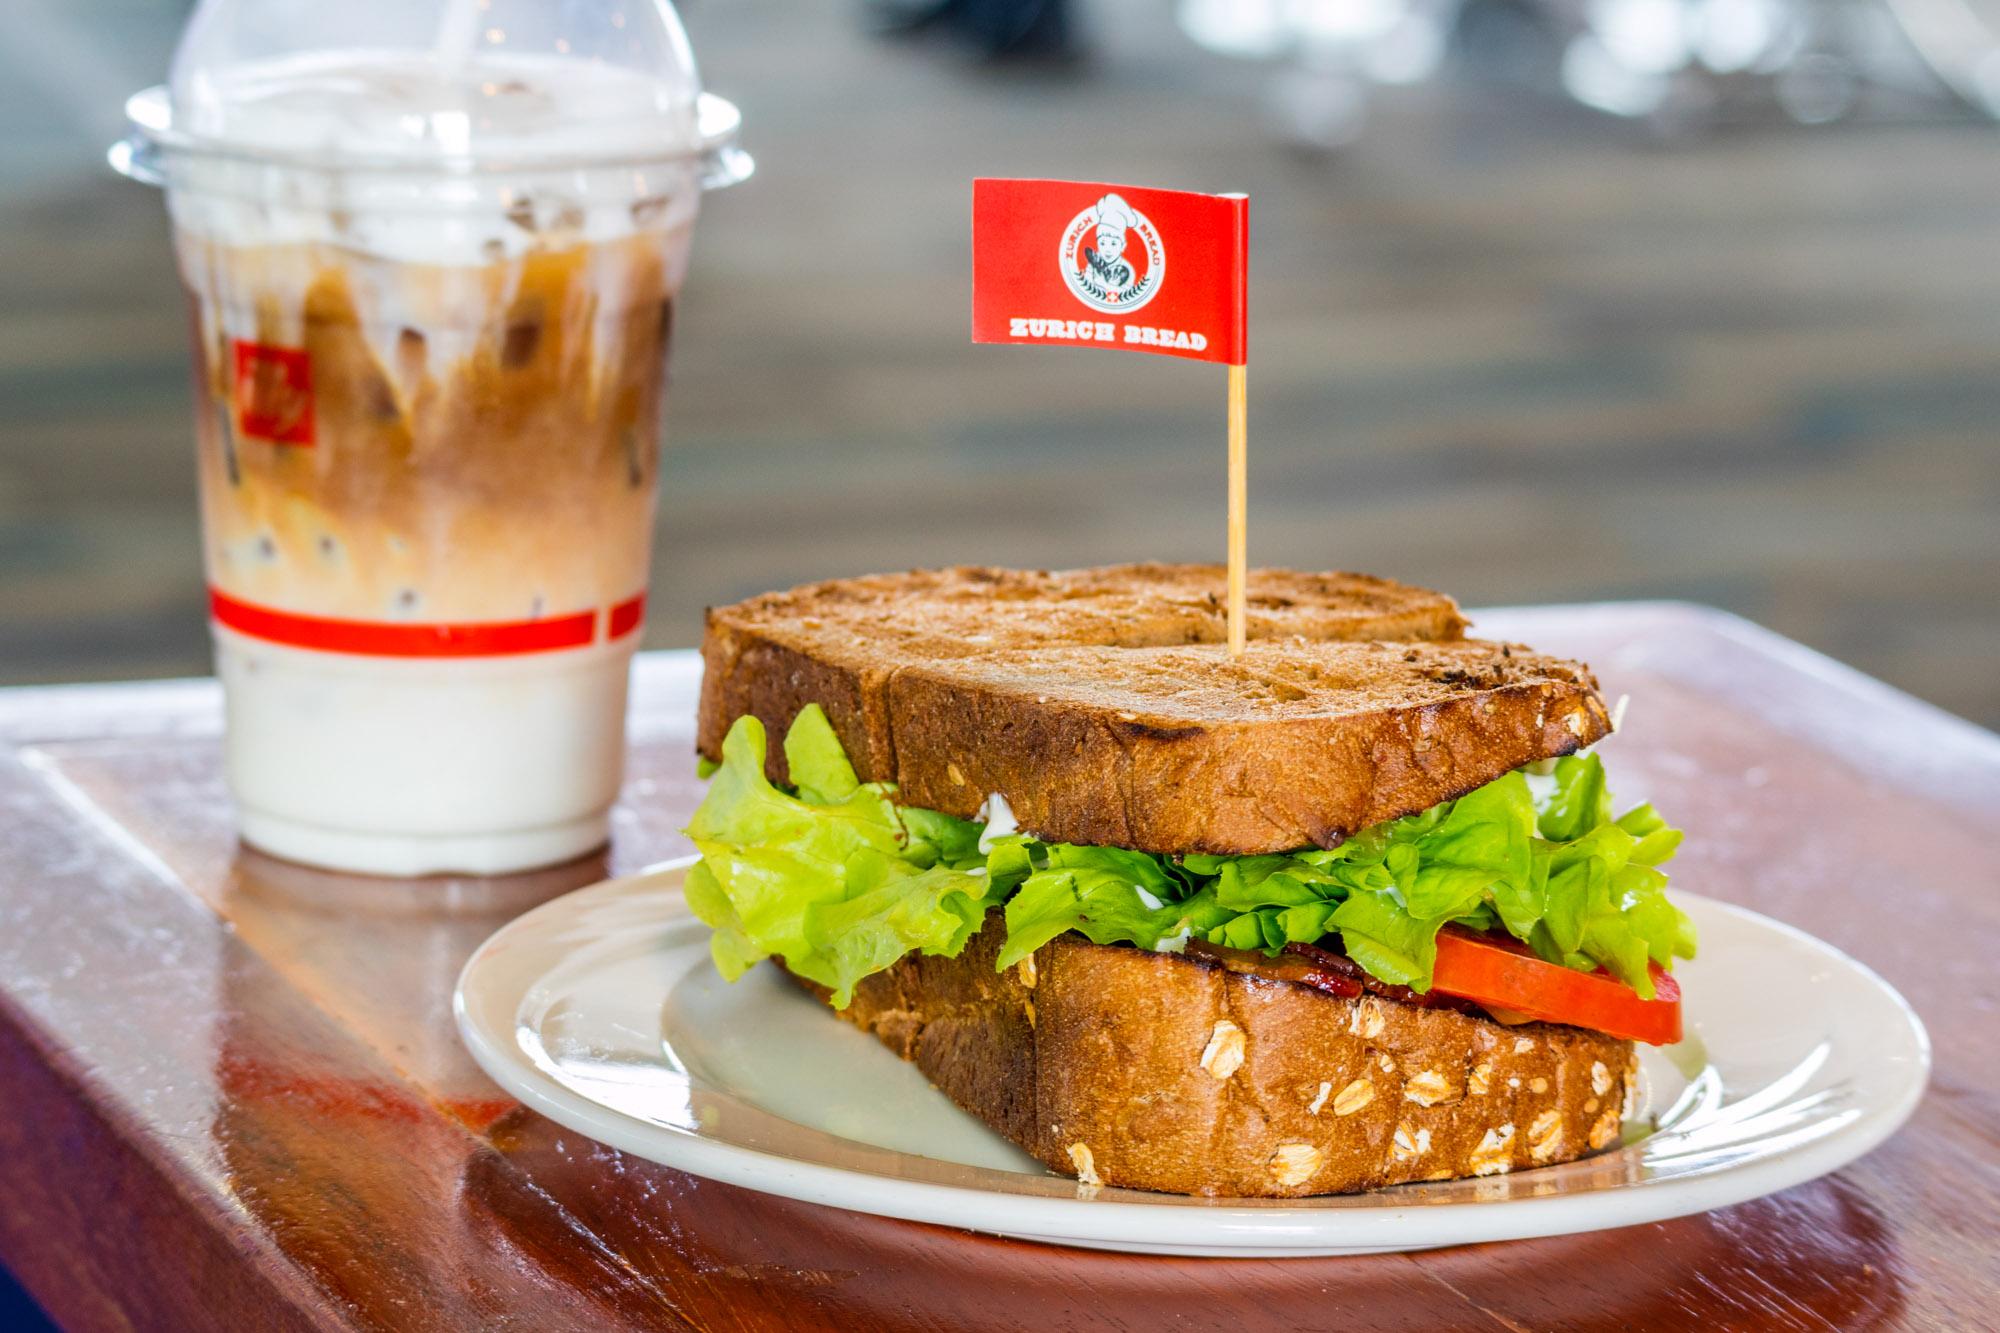 BLT Sandwich  ร้านอาหารแนะนำ ในอาคารผู้โดยสารขาออกระหว่างประเทศ ท่าอากาศยานภูเก็ต IMG 8221